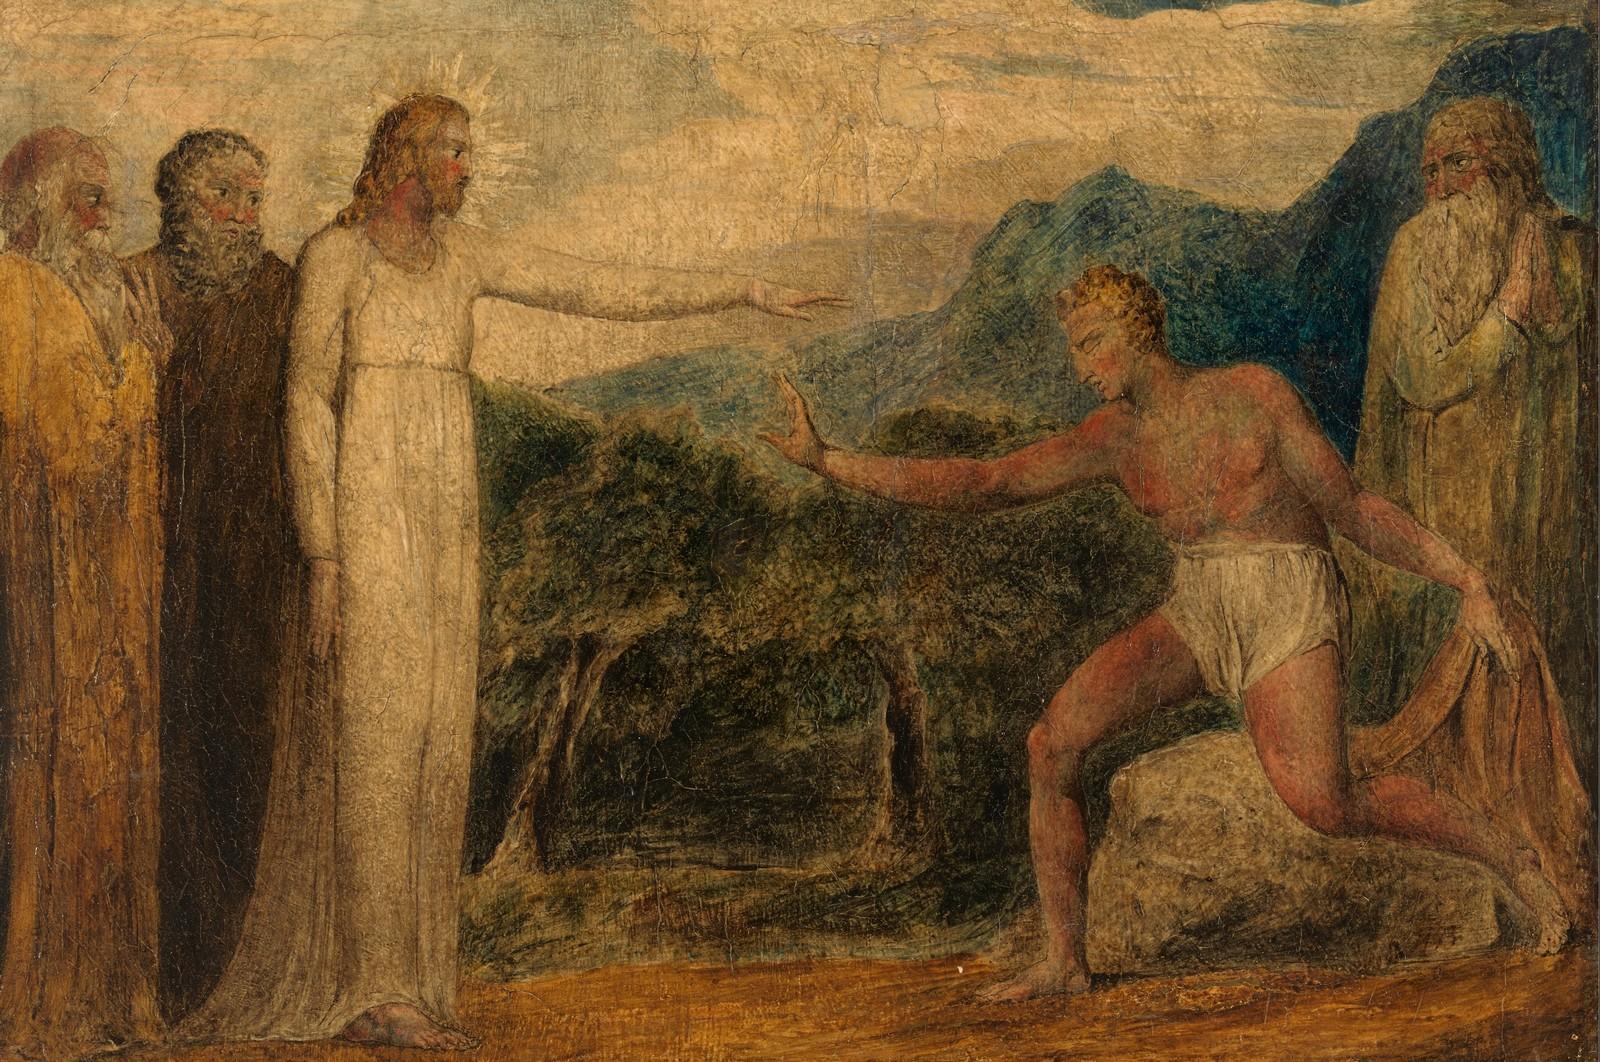 Milagros Maravillosos que Logran los Santos por Confiar Sin Dudar en Dios